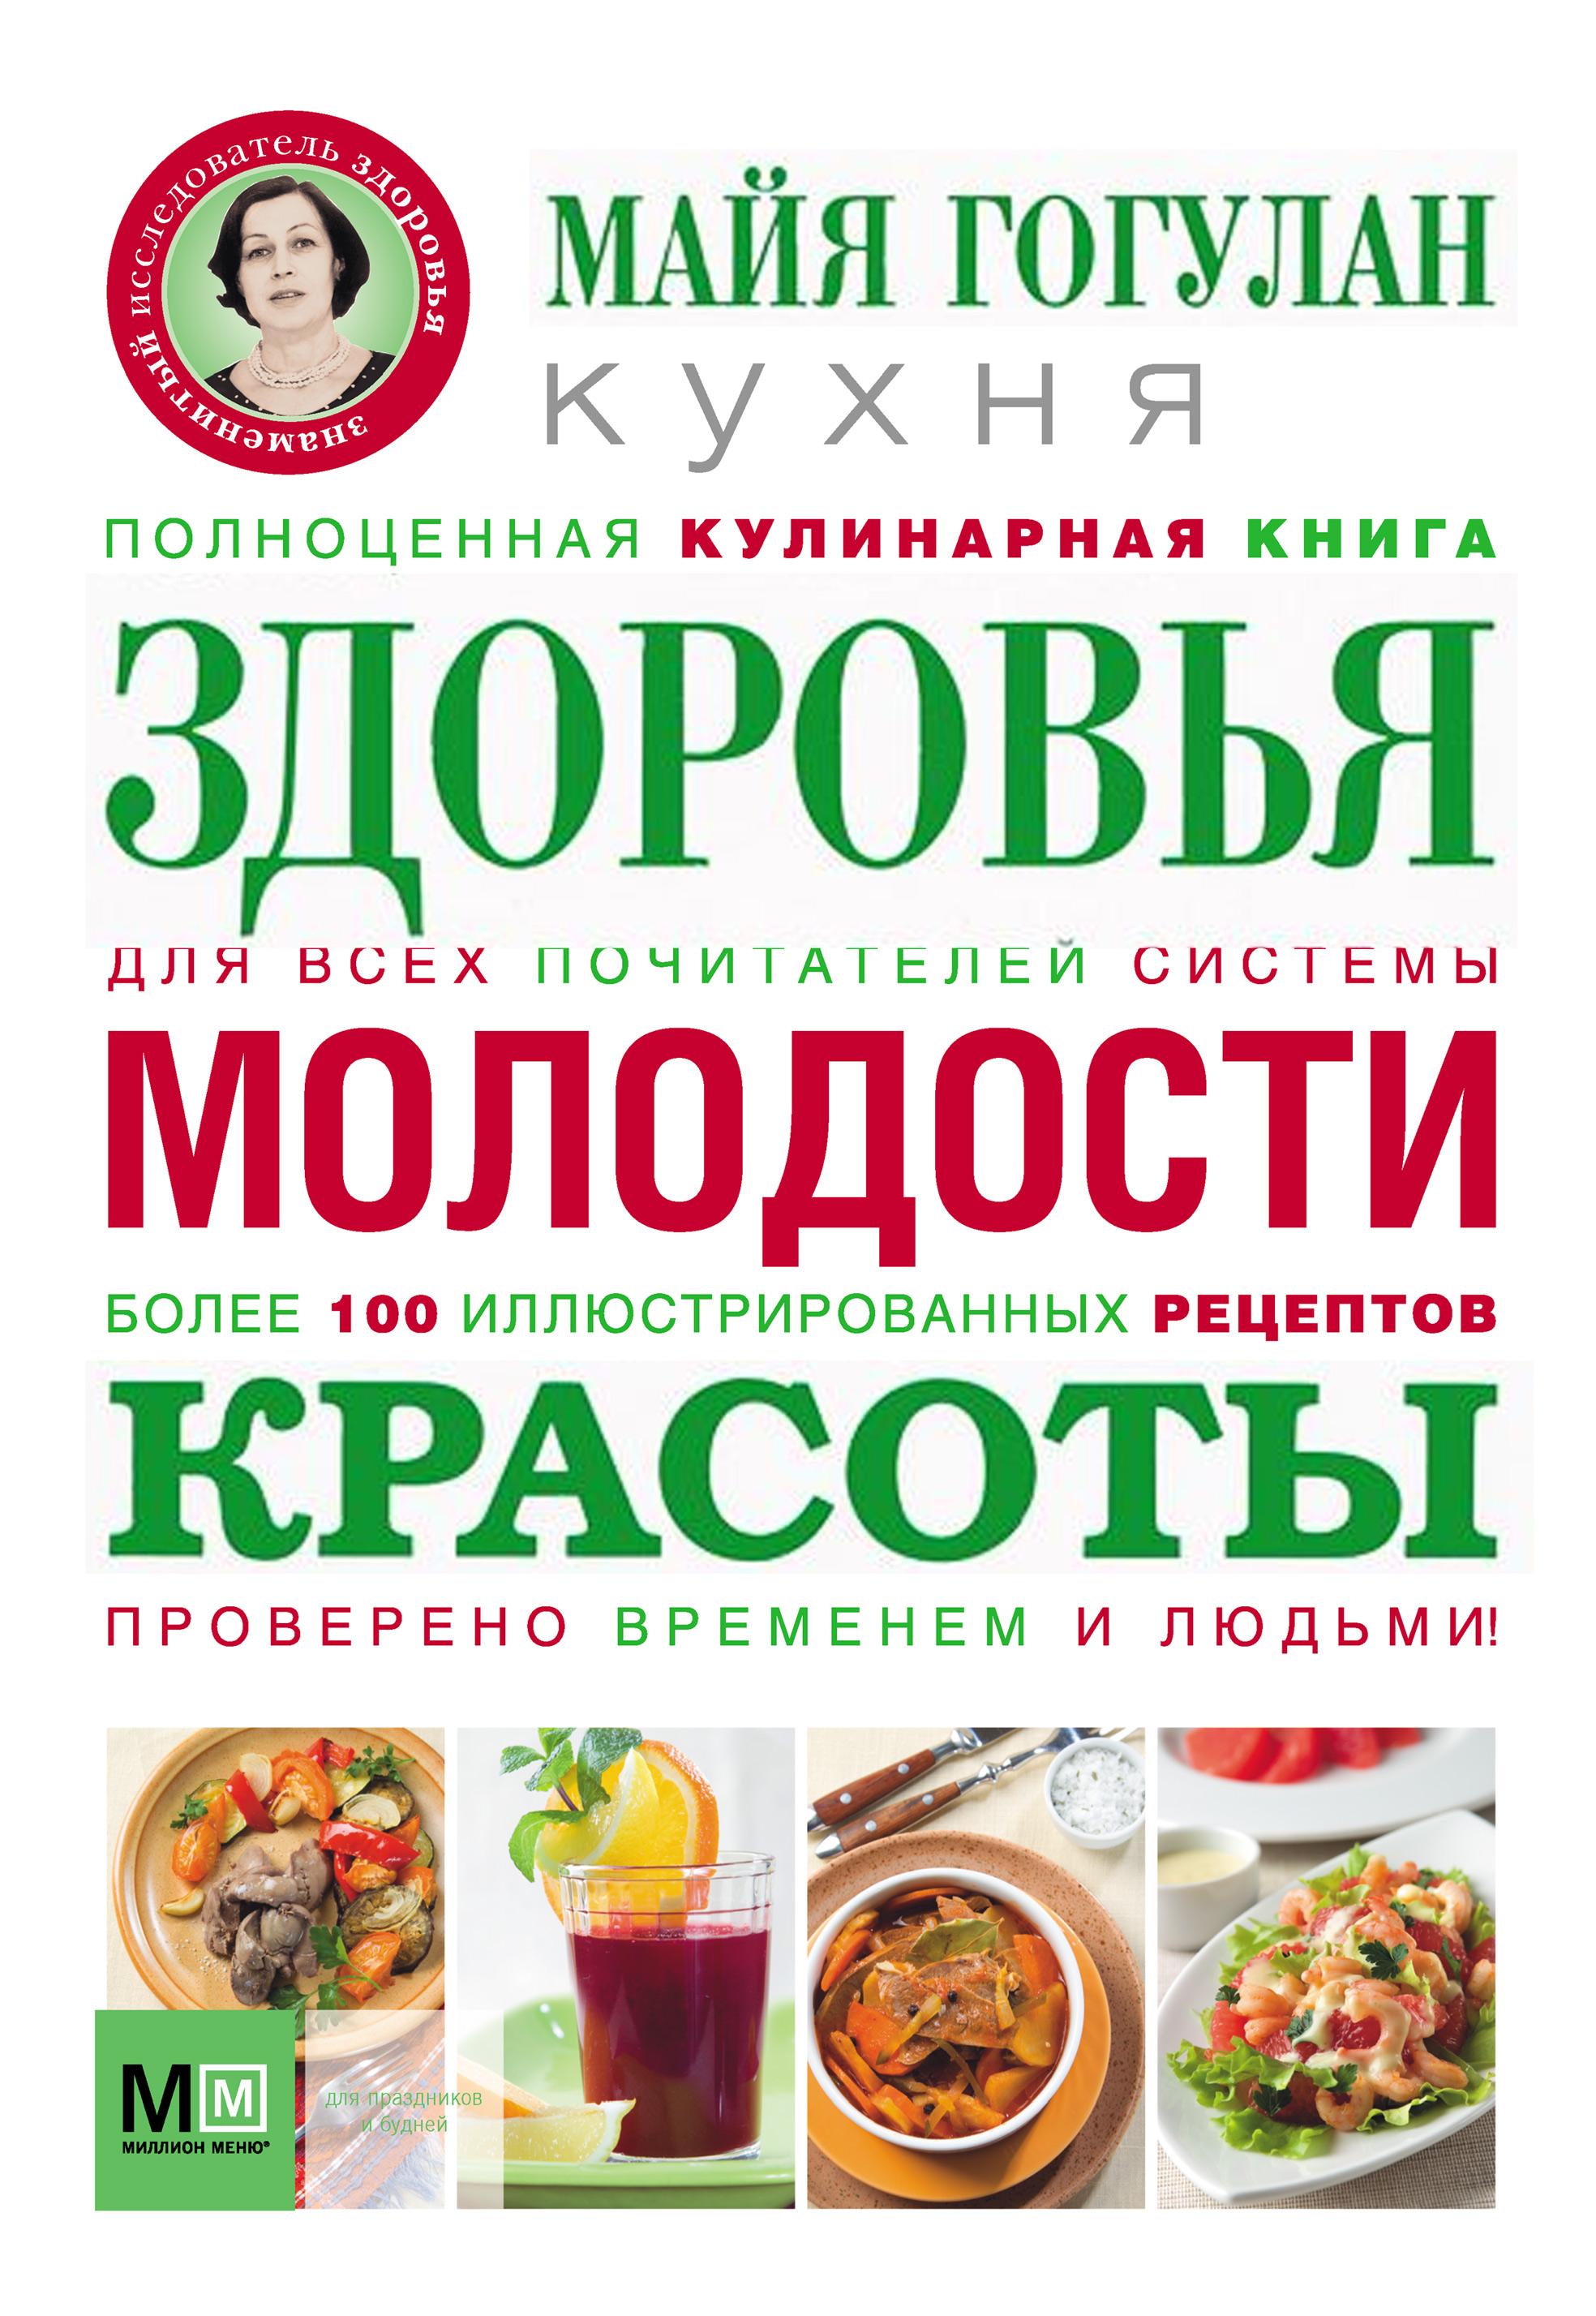 Майя Гогулан Кухня здоровья, молодости, красоты майя гогулан энциклопедия здорового питания большая книга о здоровой и вкусной пище